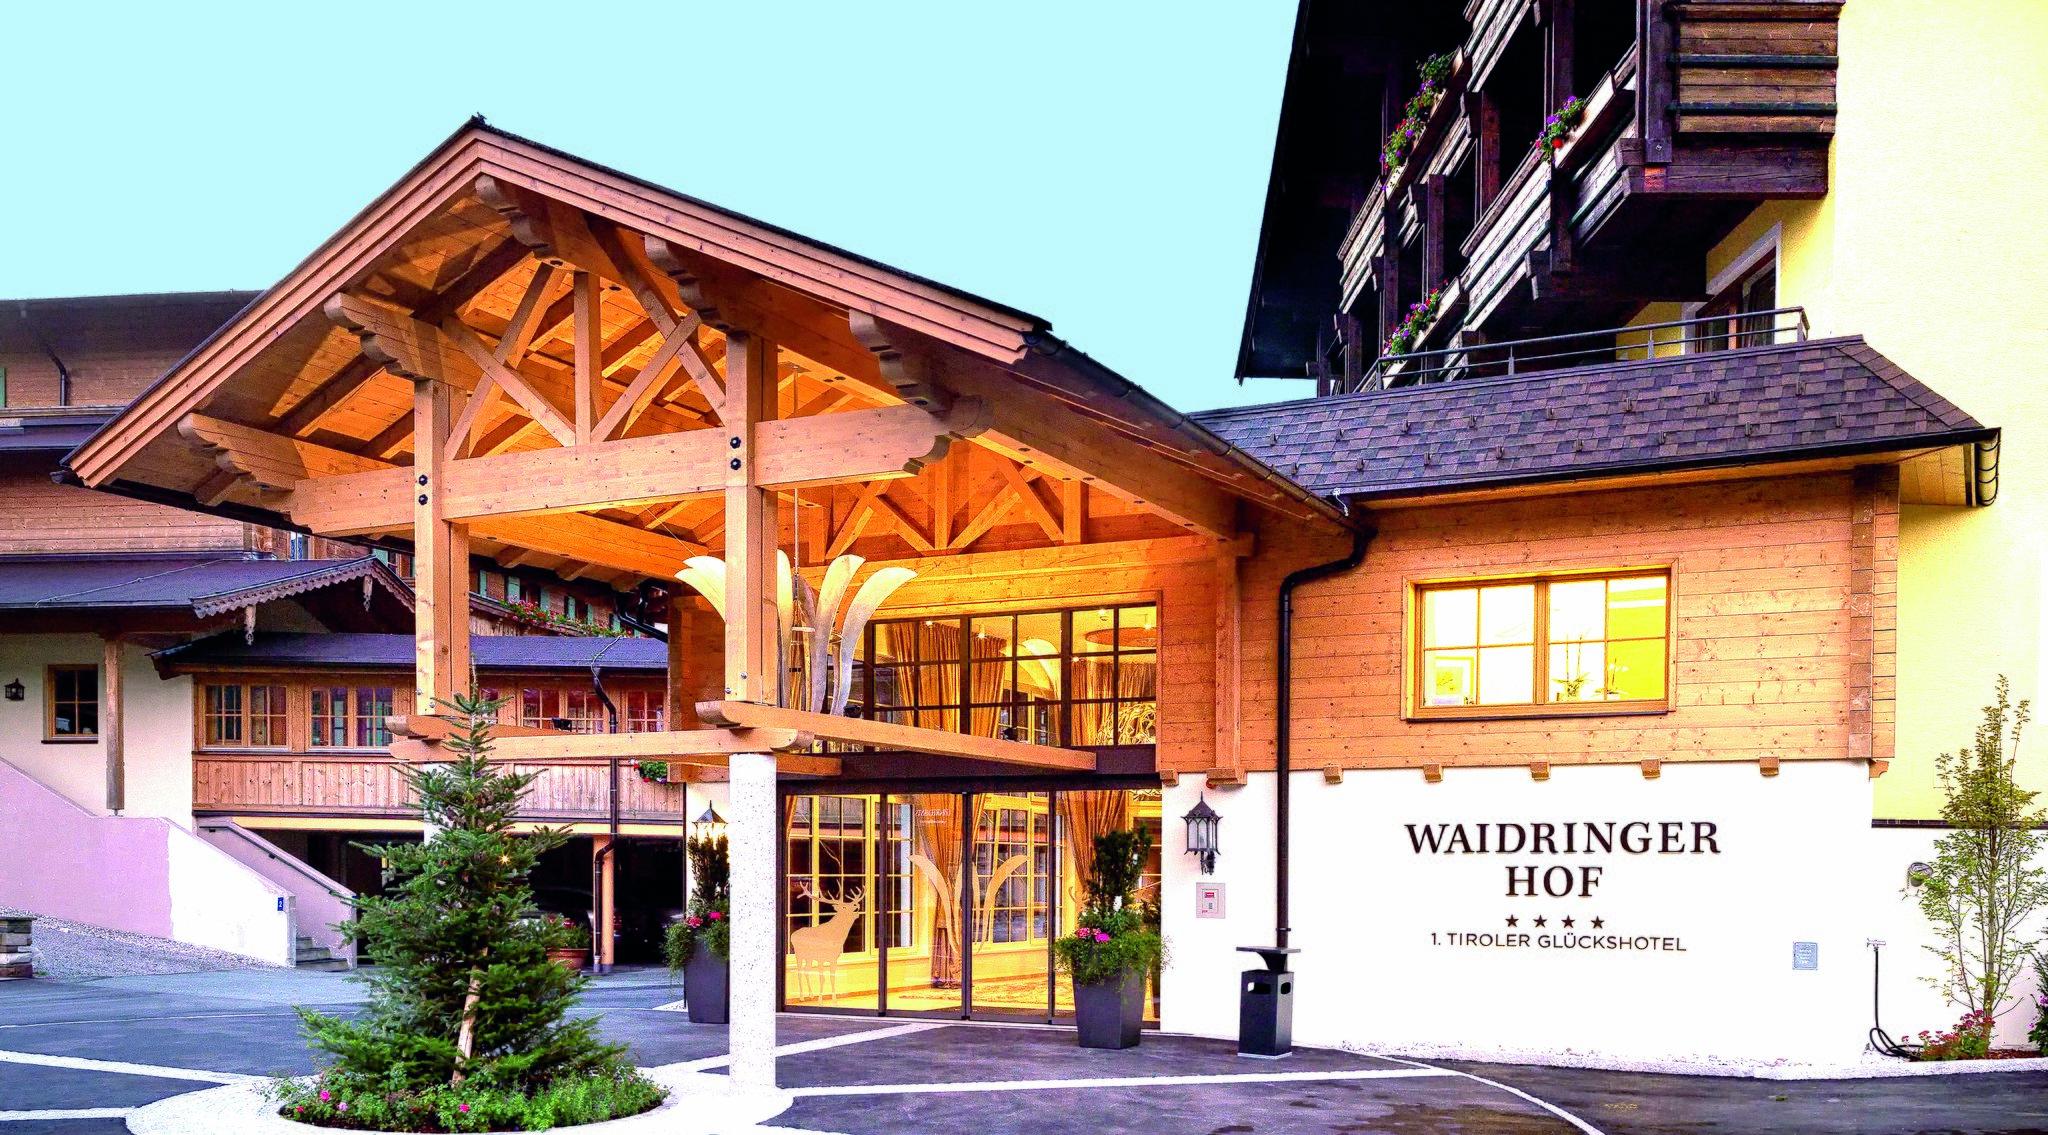 Trau Dich 2019: Gewinne mit deinem Hochzeitsfoto ein Wellness Wochenende im Hotel Waidringerhof ****S - meinbezirk.at